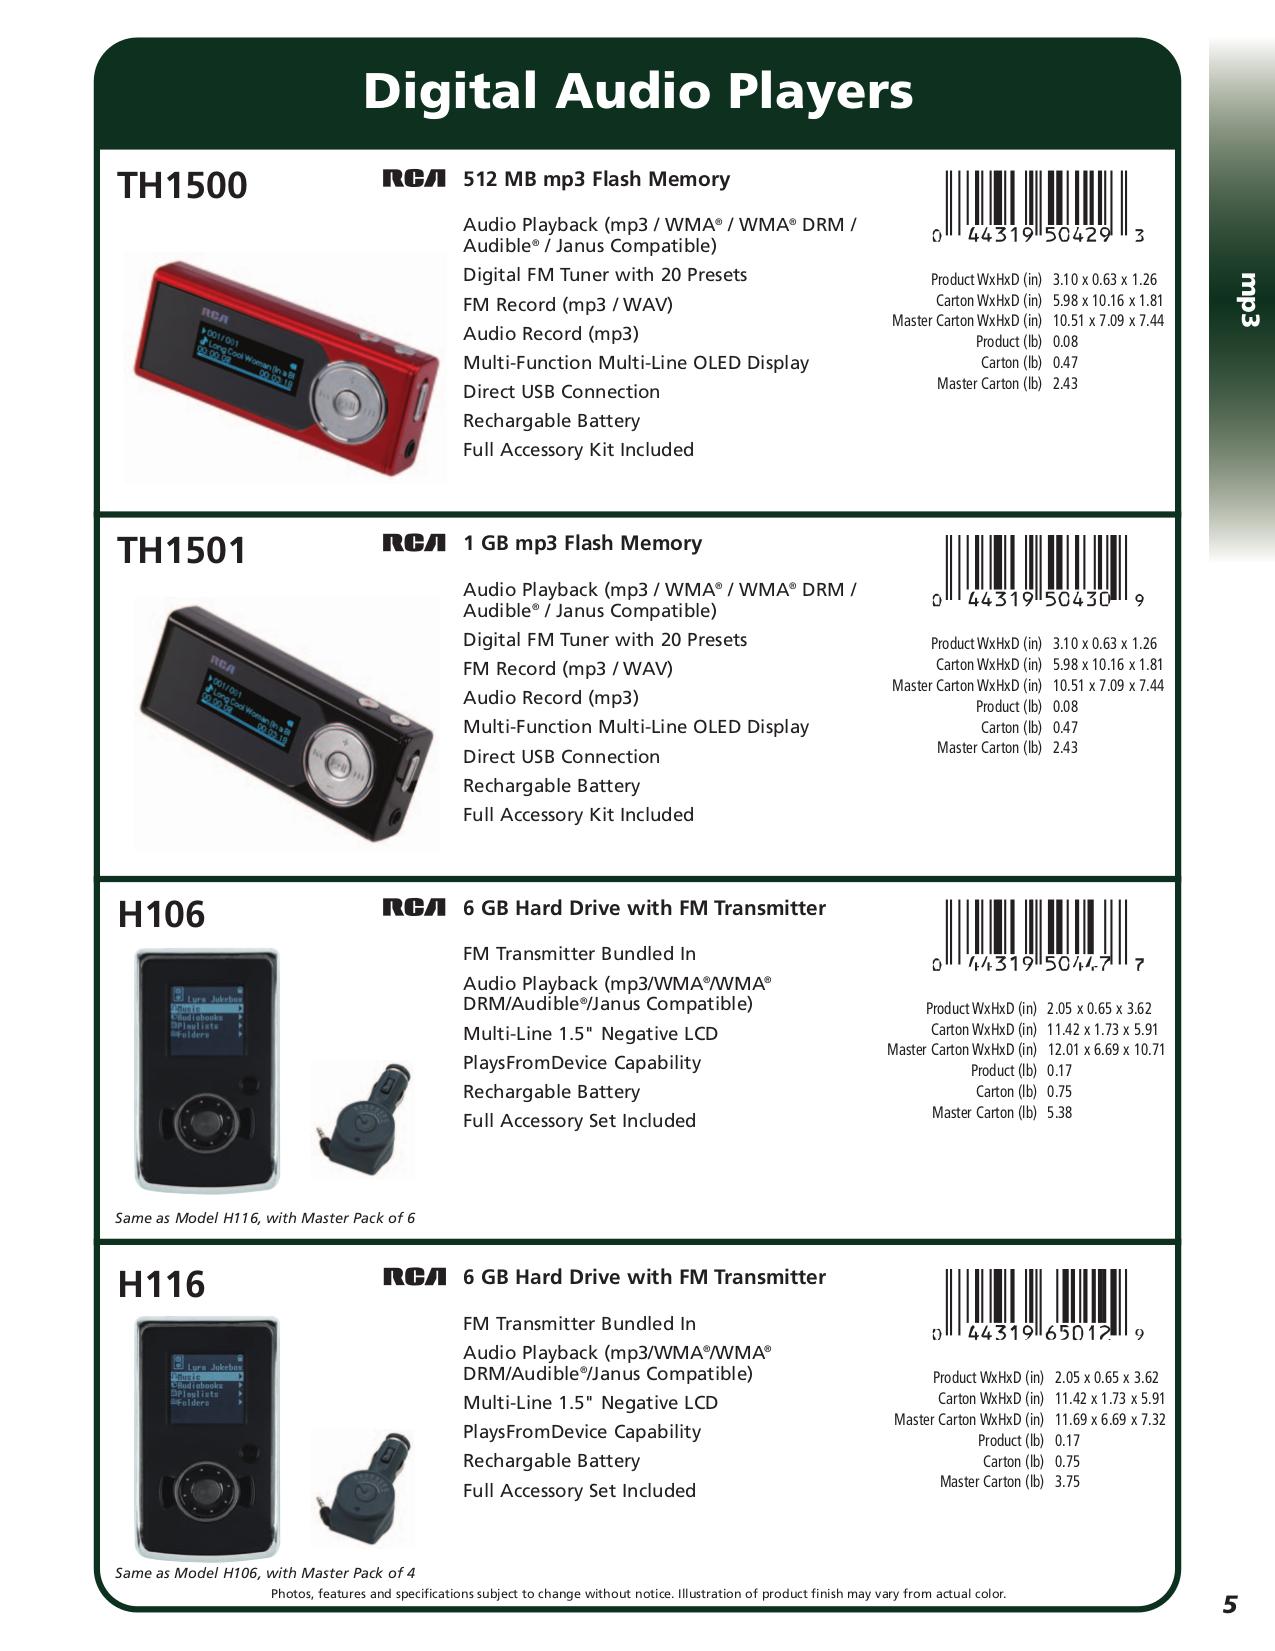 pdf manual for rca clock radio rp5600 rh umlib com  rca cd clock radio rp5600a manual